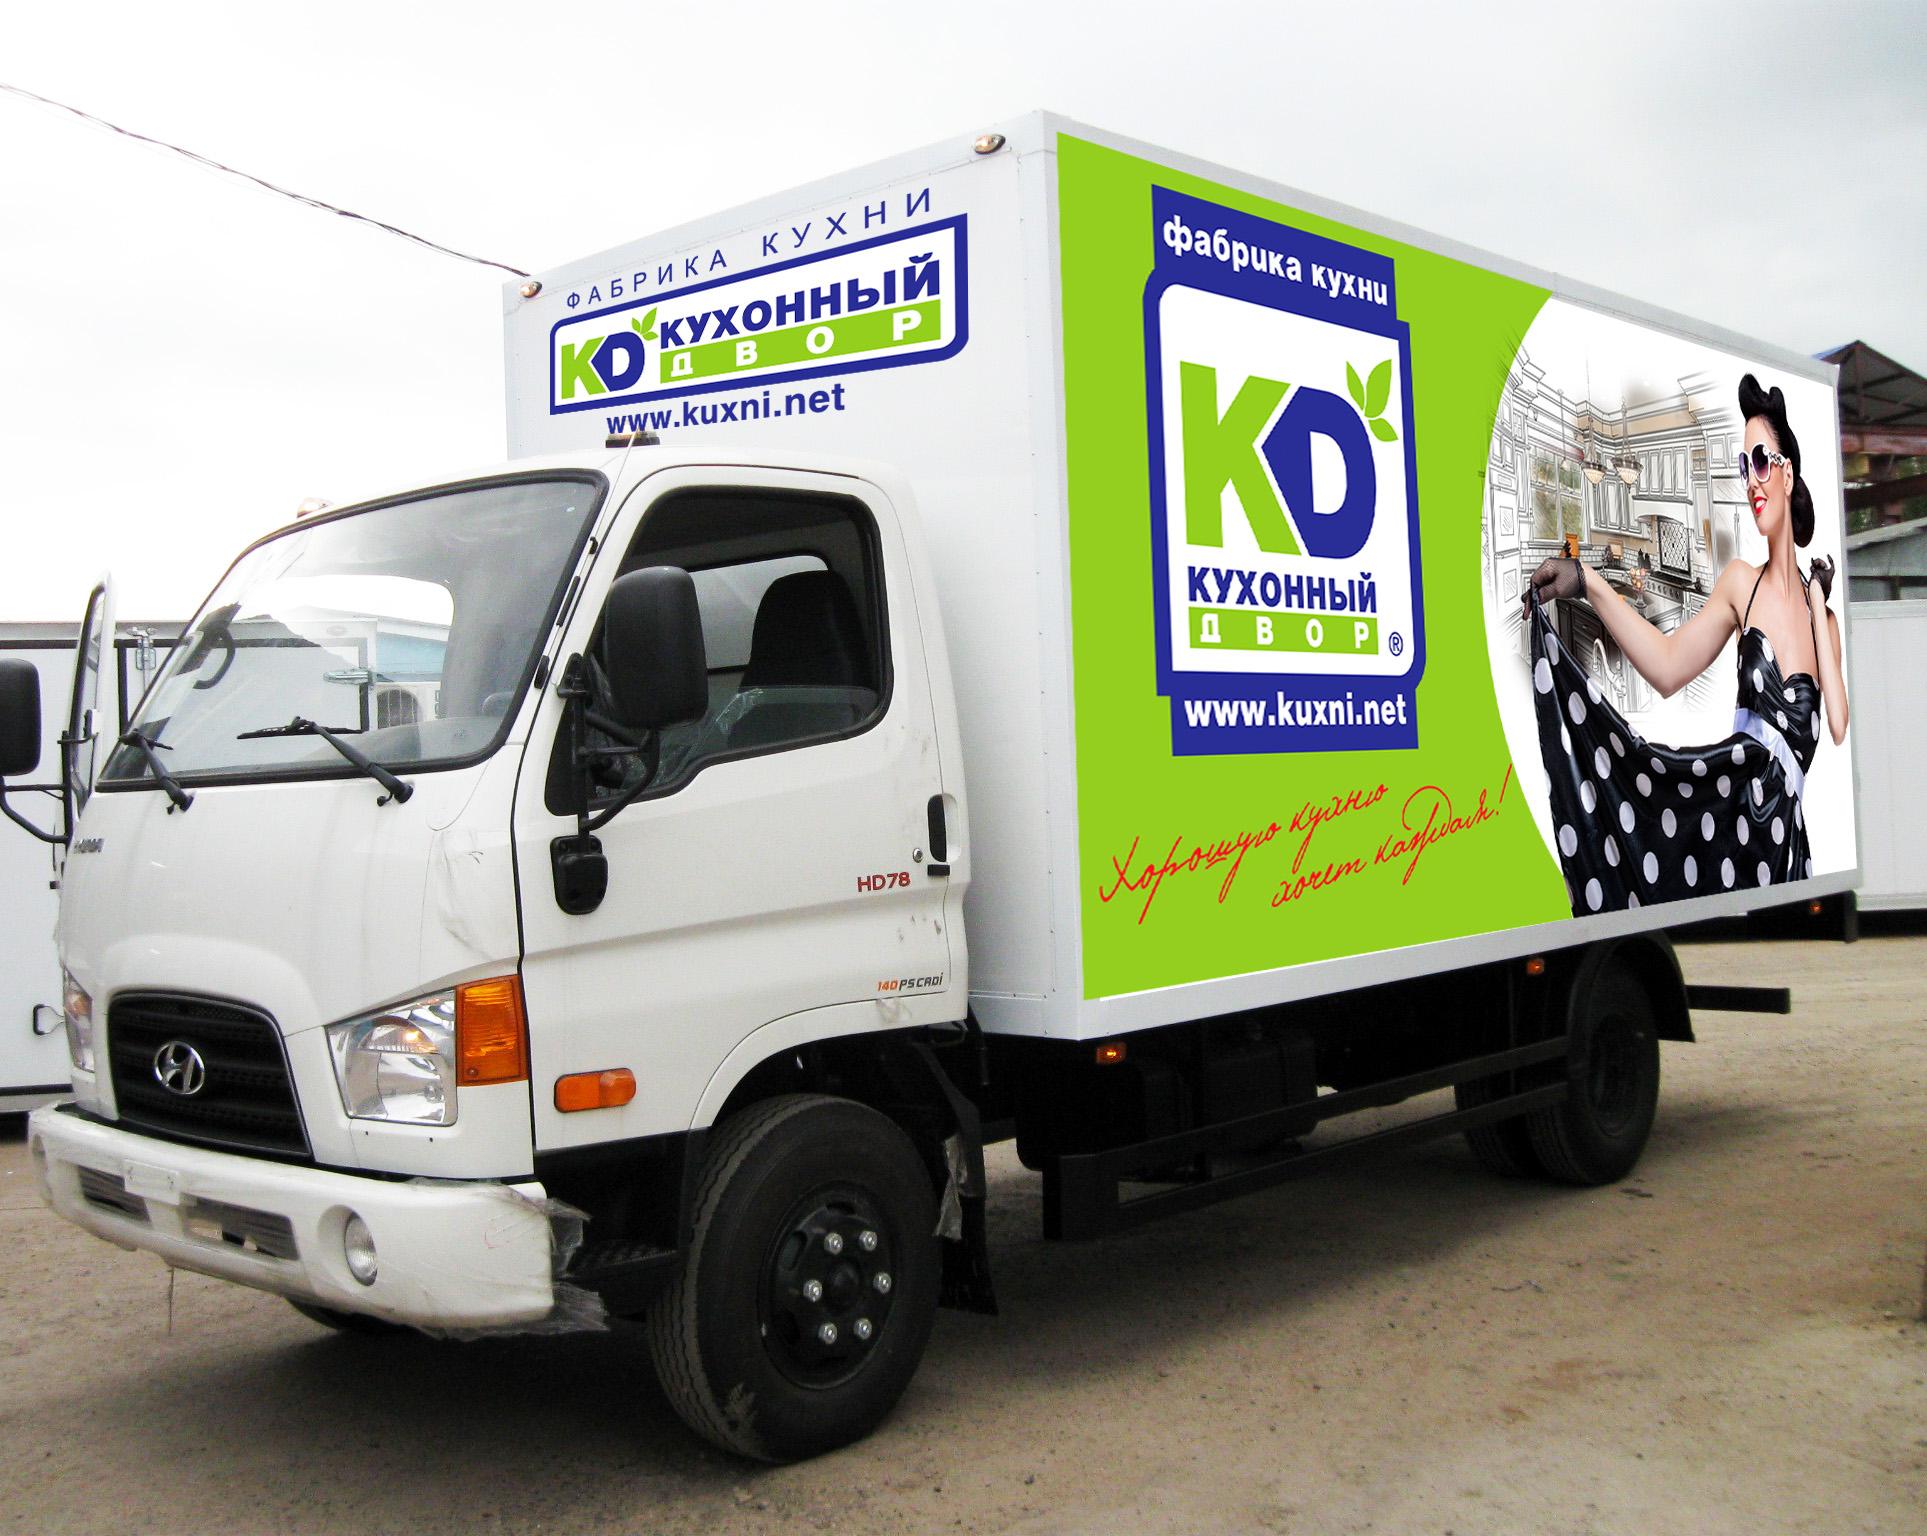 """Брендирование грузового авто для компании """"Кухонный двор"""" фото f_47559bc2b29ed1f4.jpg"""